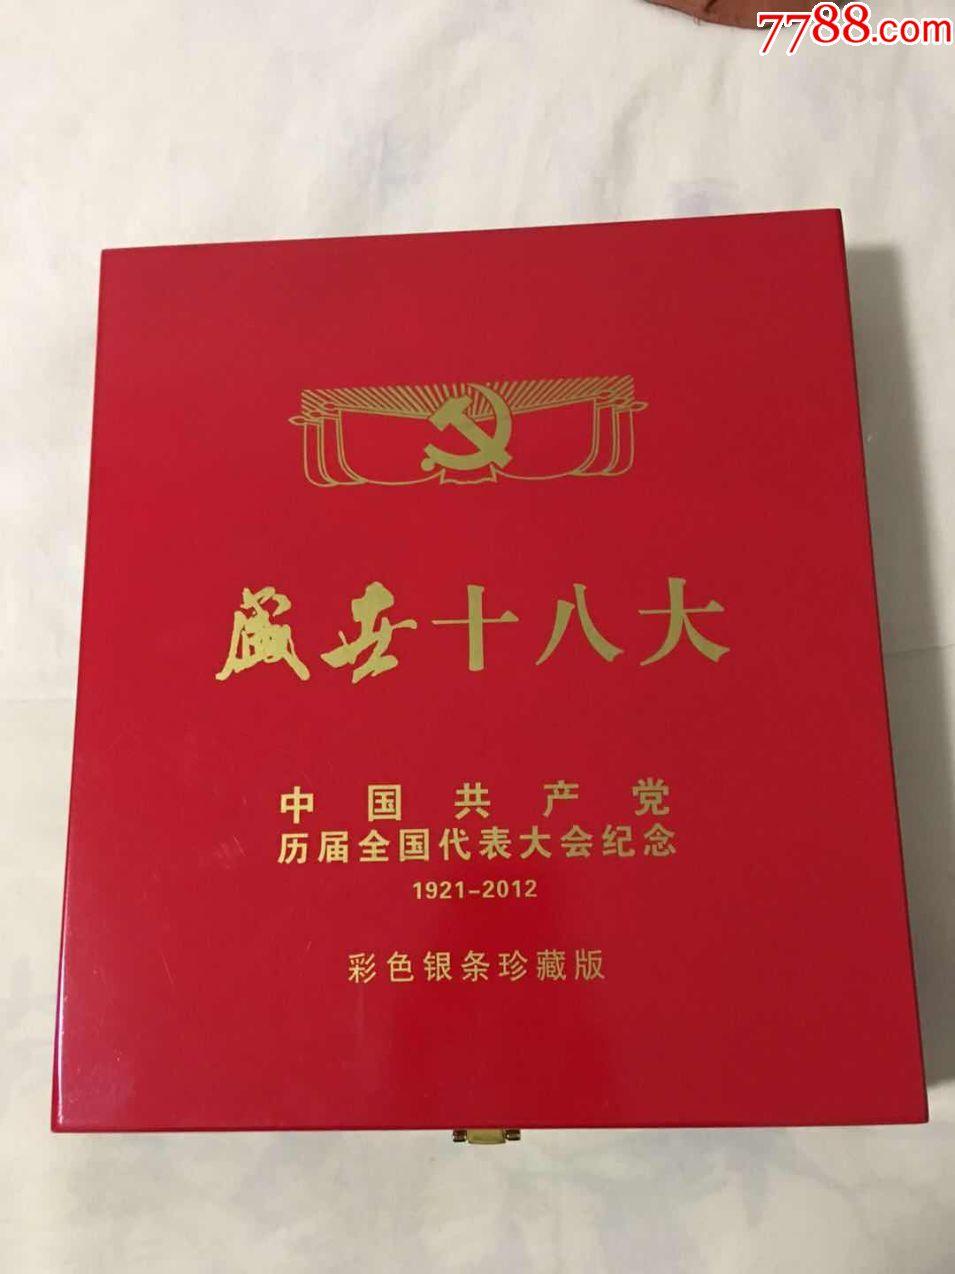 盛世十八大,中国共产党历届全国代表大会镀银纪念章,一套18枚,(au19860728)_